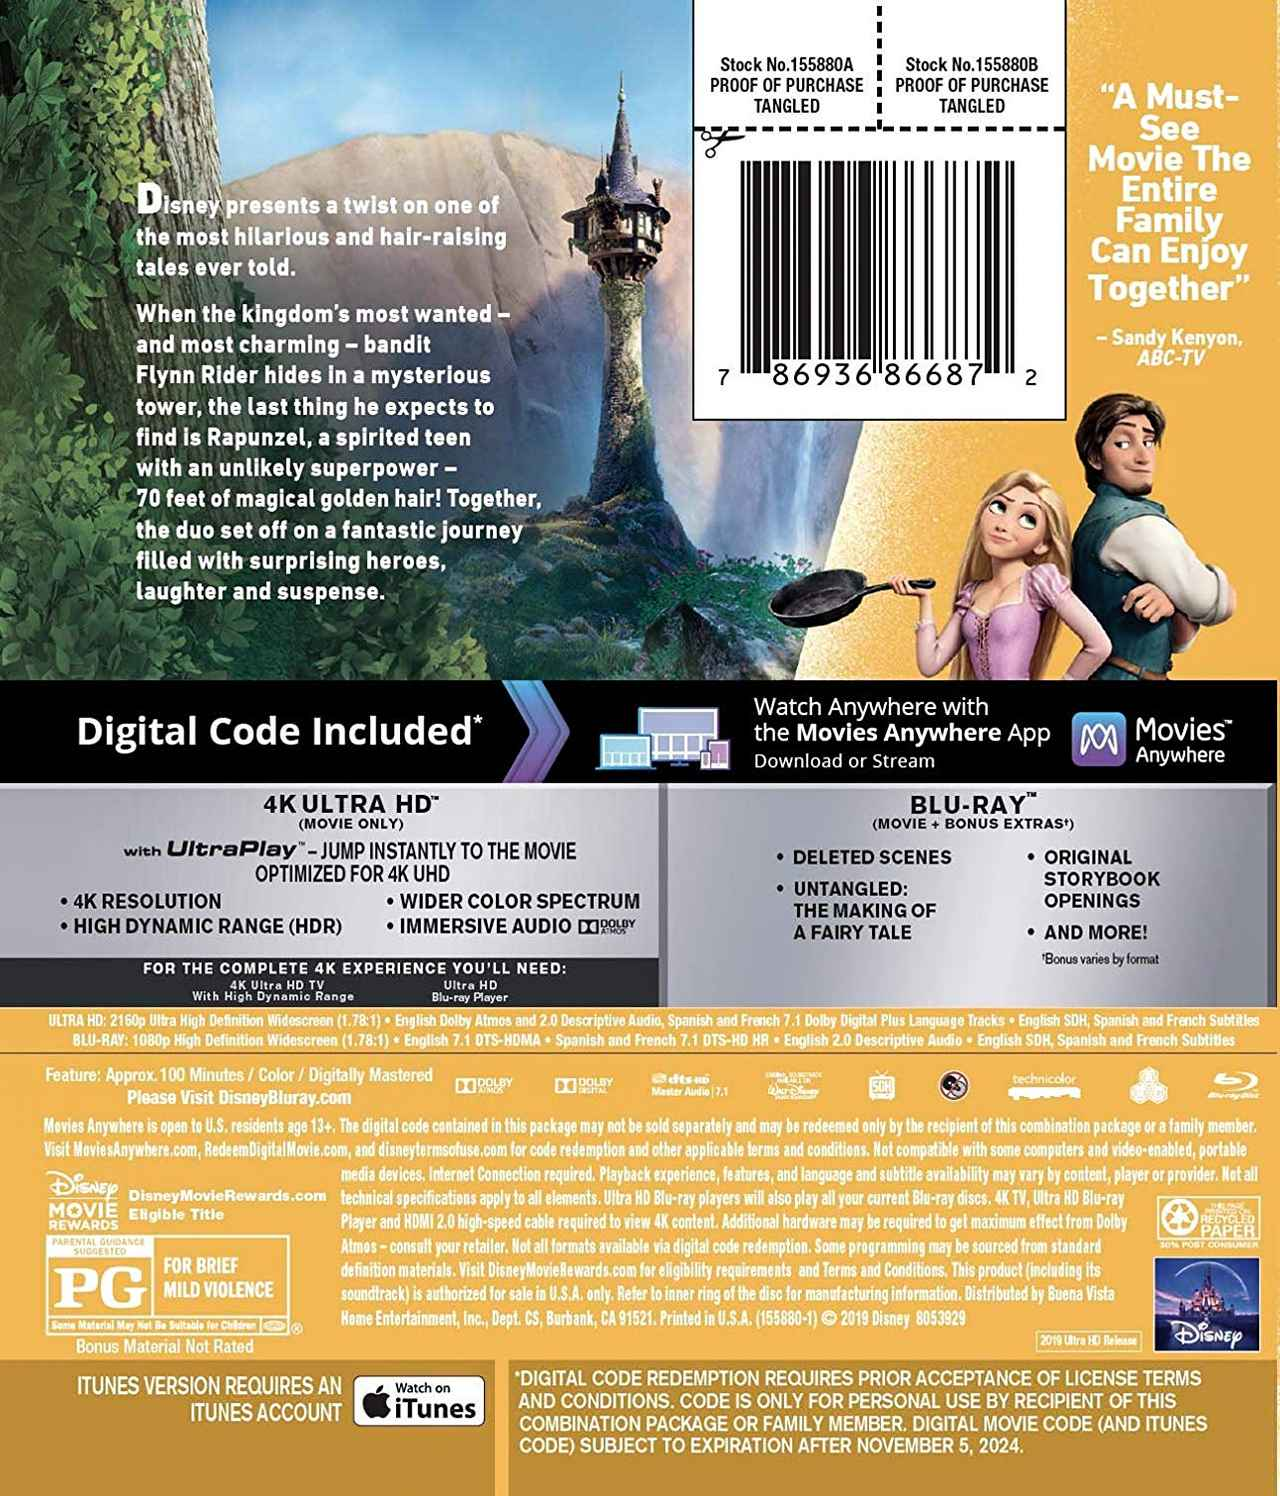 画像2: 11月のディズニー4Kアニメ『モアナと伝説の海』『塔の上のラプンツェル』『ベイマックス』『ズートピア』『プリンセスと魔法のキス』【海外盤Blu-ray発売情報】